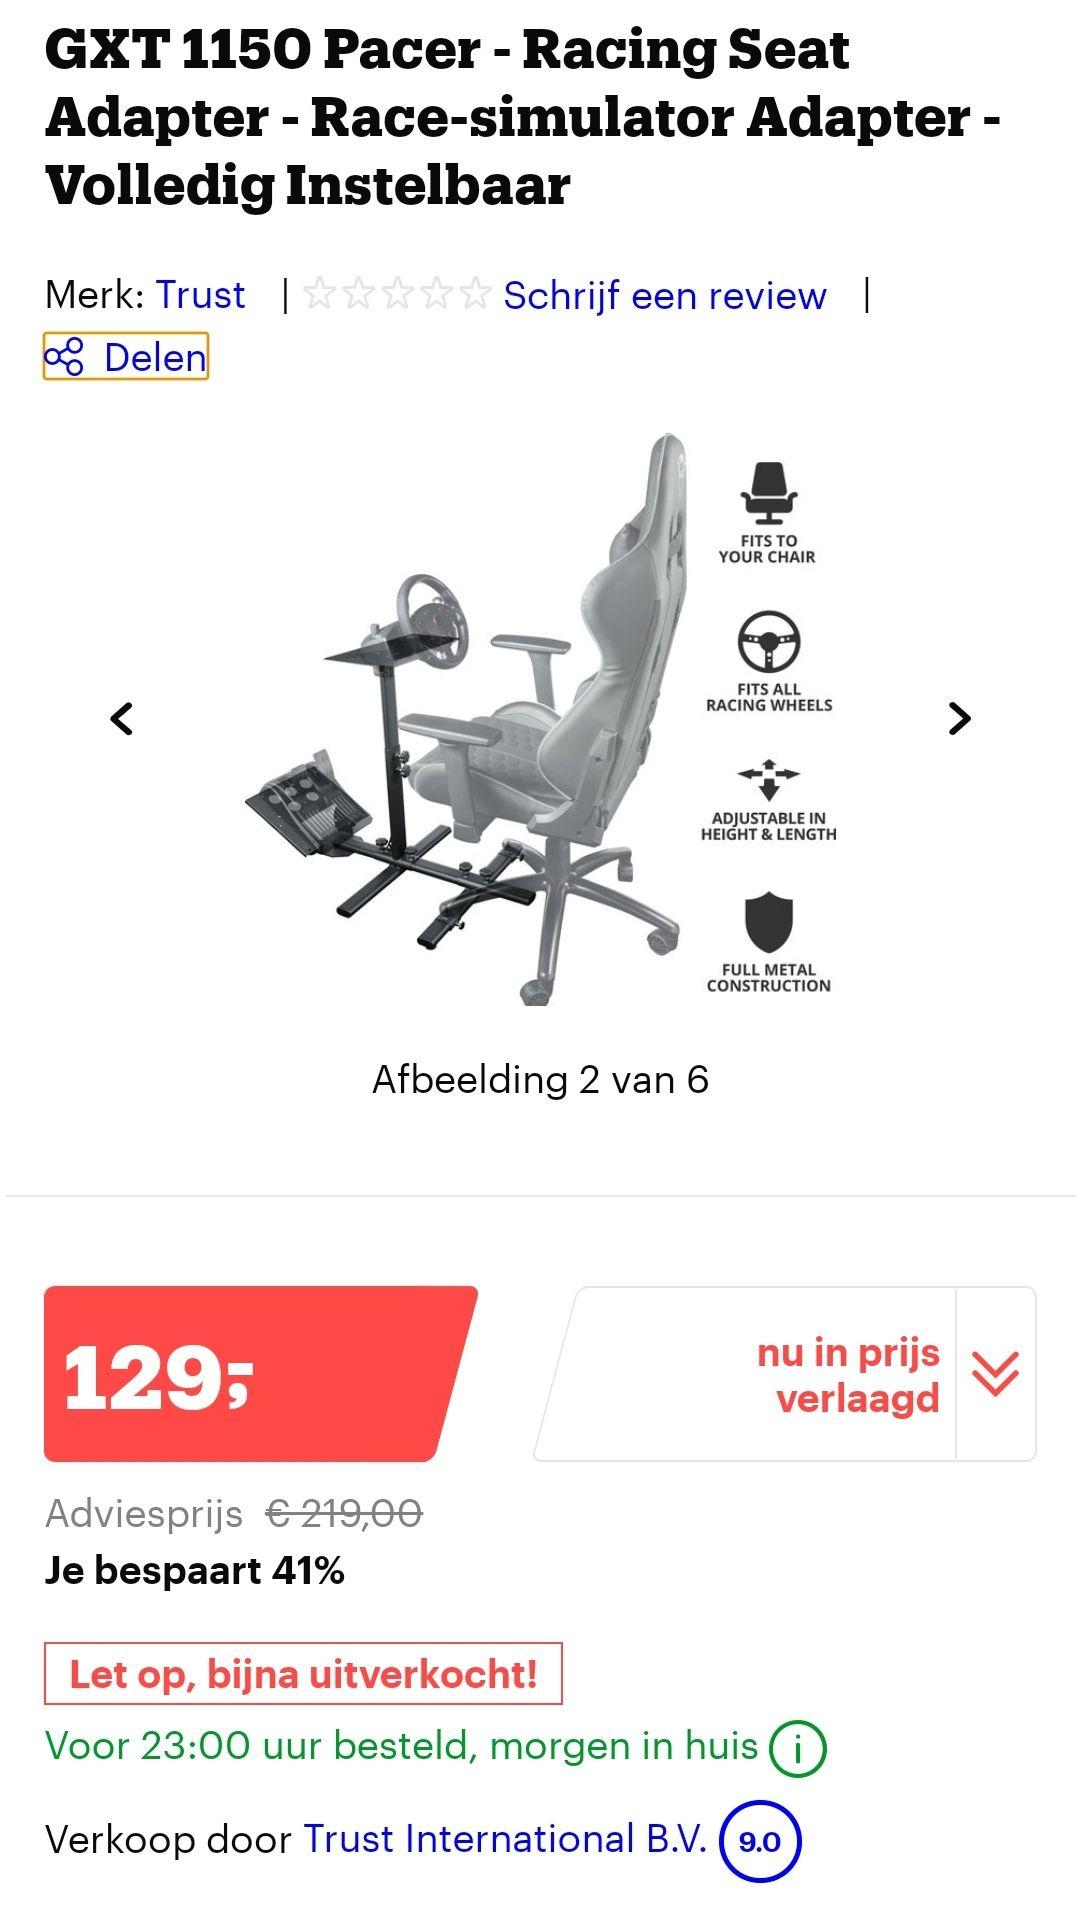 Prijs is aangepast door bol.com GXT 1150 Pacer - Racing Seat Adapter - Race-simulator Adapter - Volledig Instelbaar